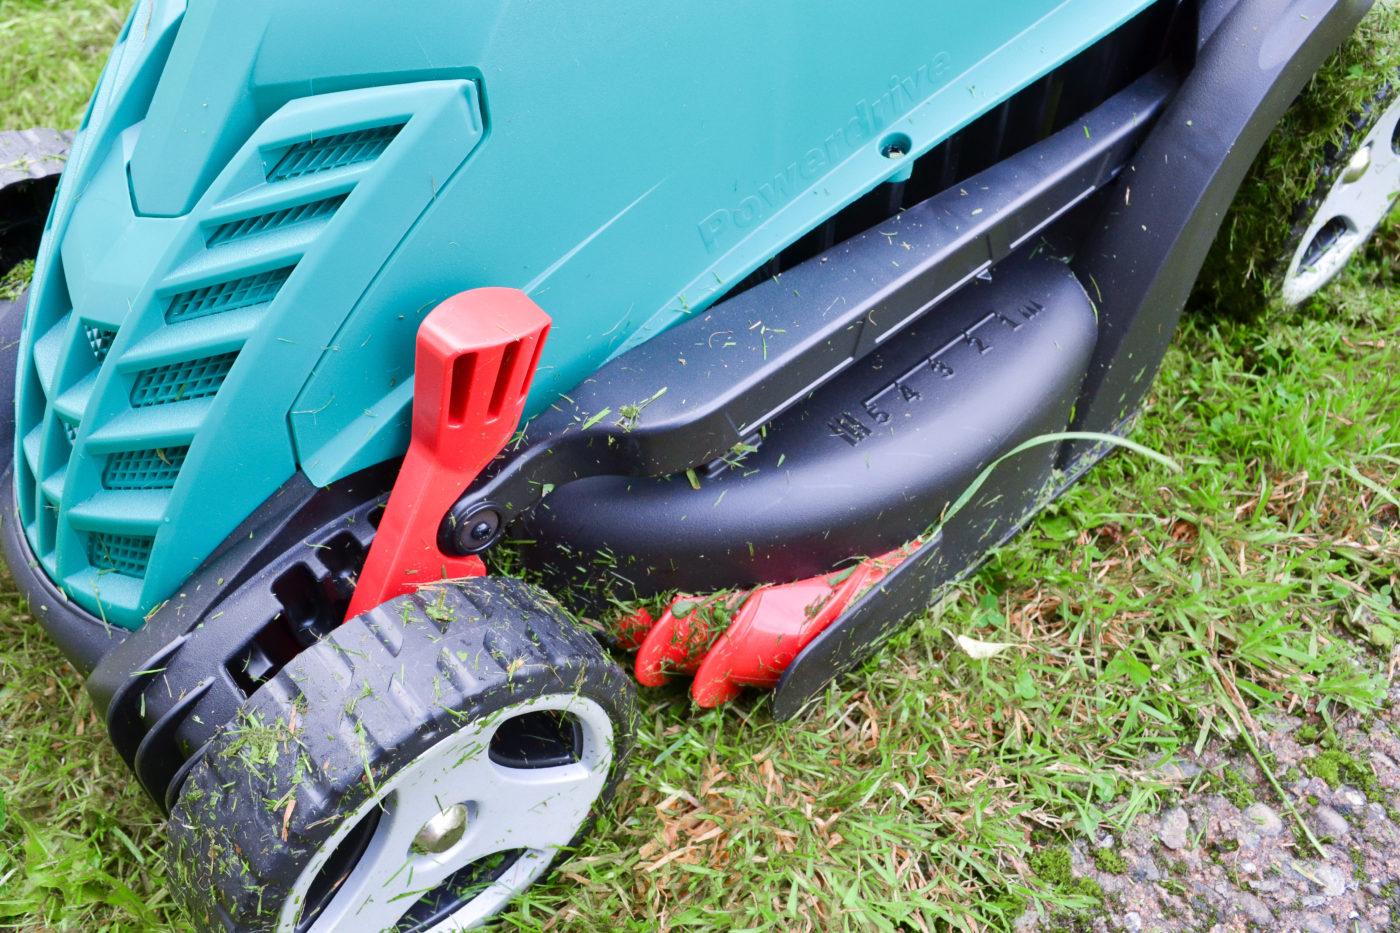 Bosch lawnmower reviews